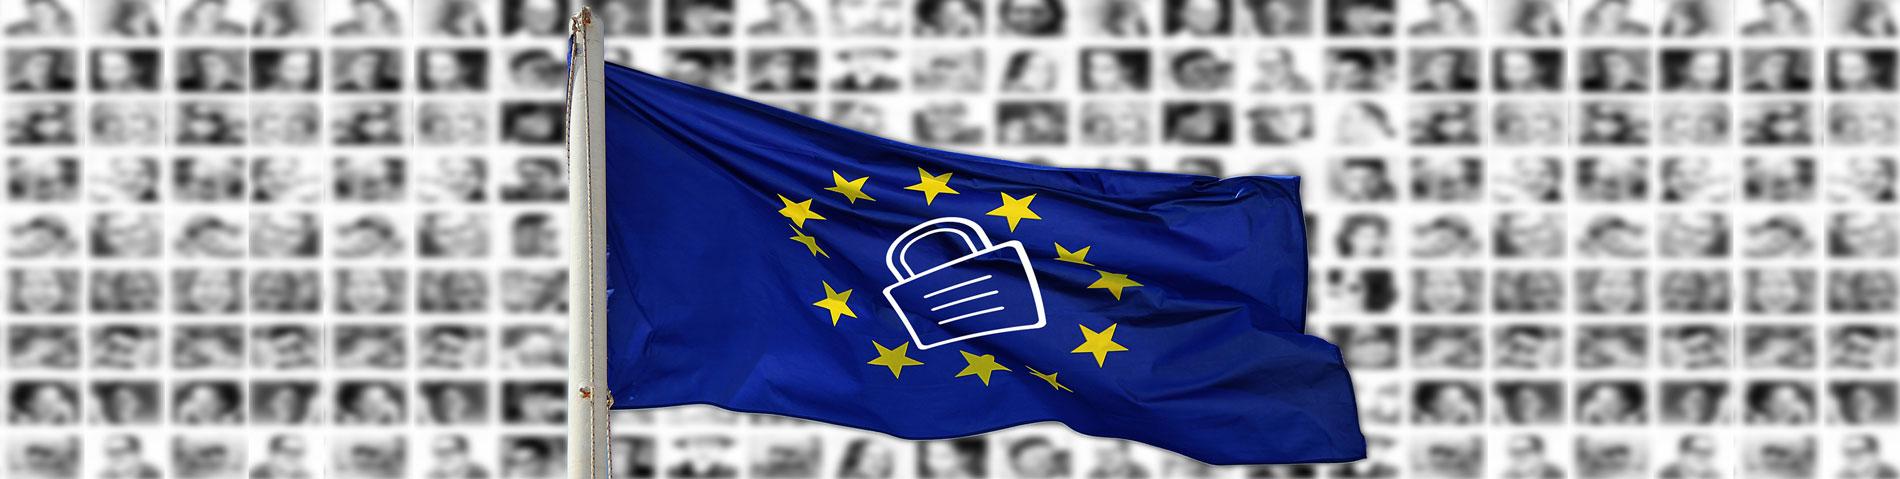 Datenschutz DSGVO - Bild Europäische Fahne mit Schloss